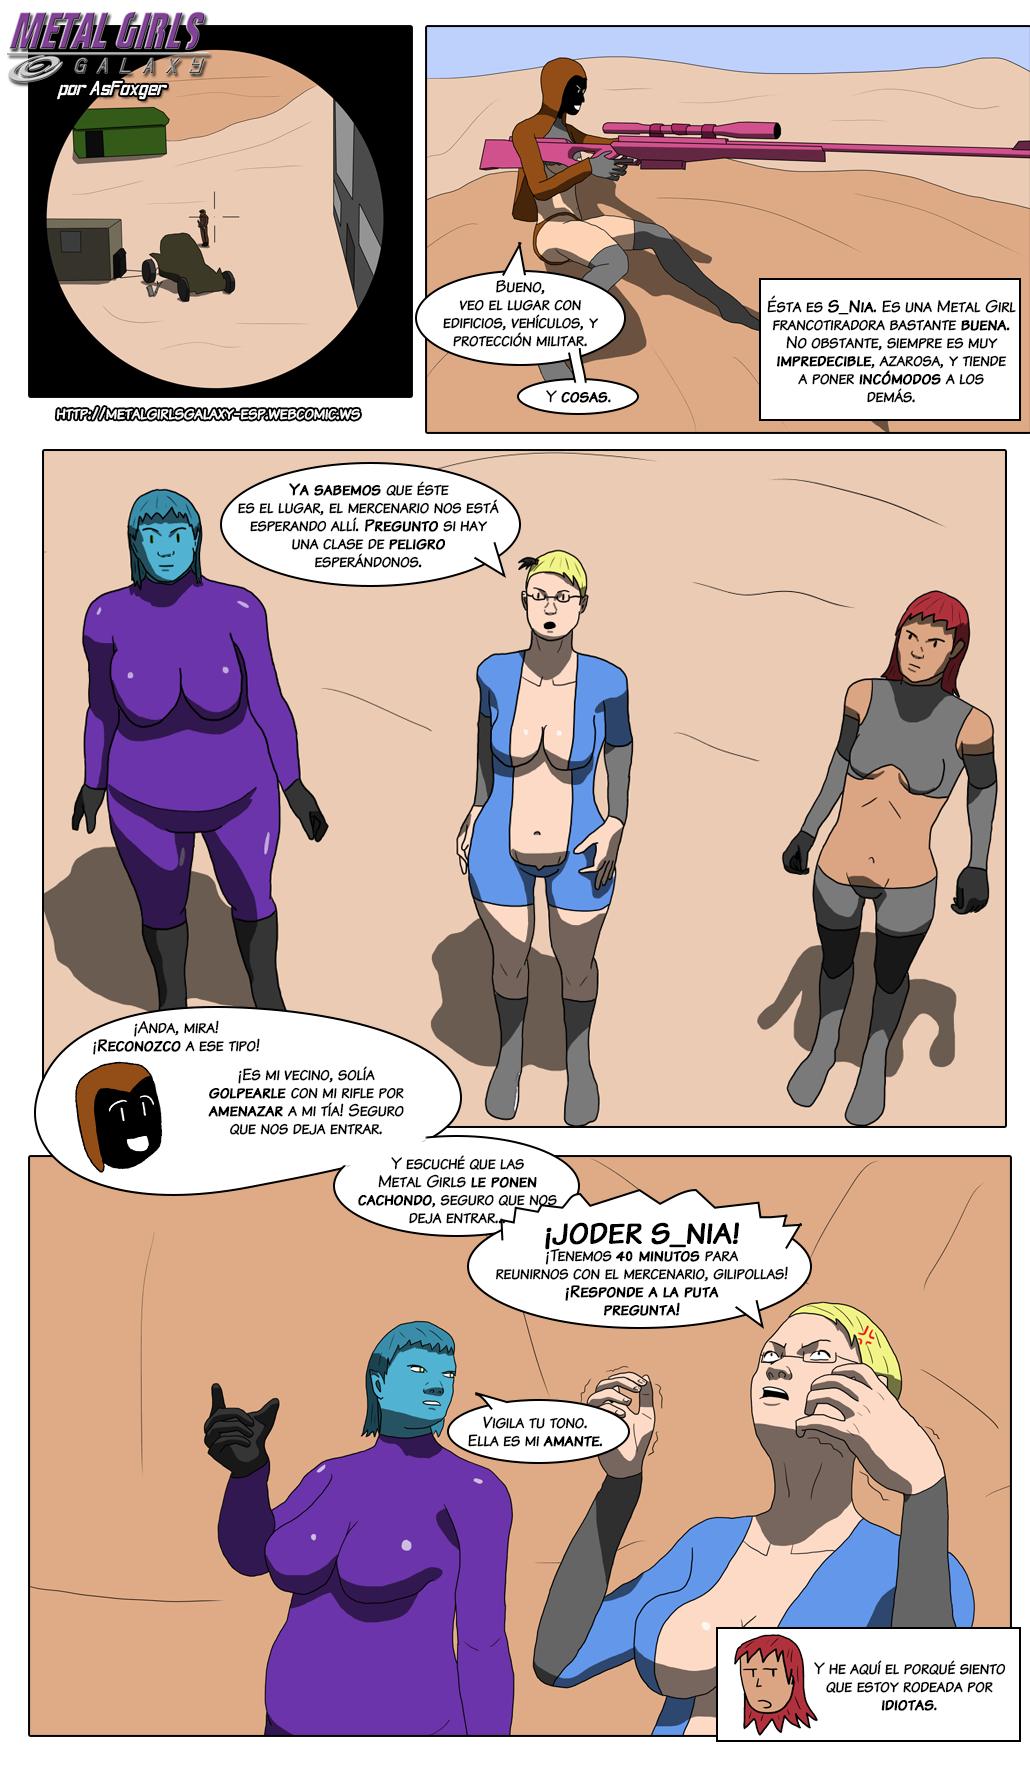 Capítulo 1 - Conoce a S_Nia